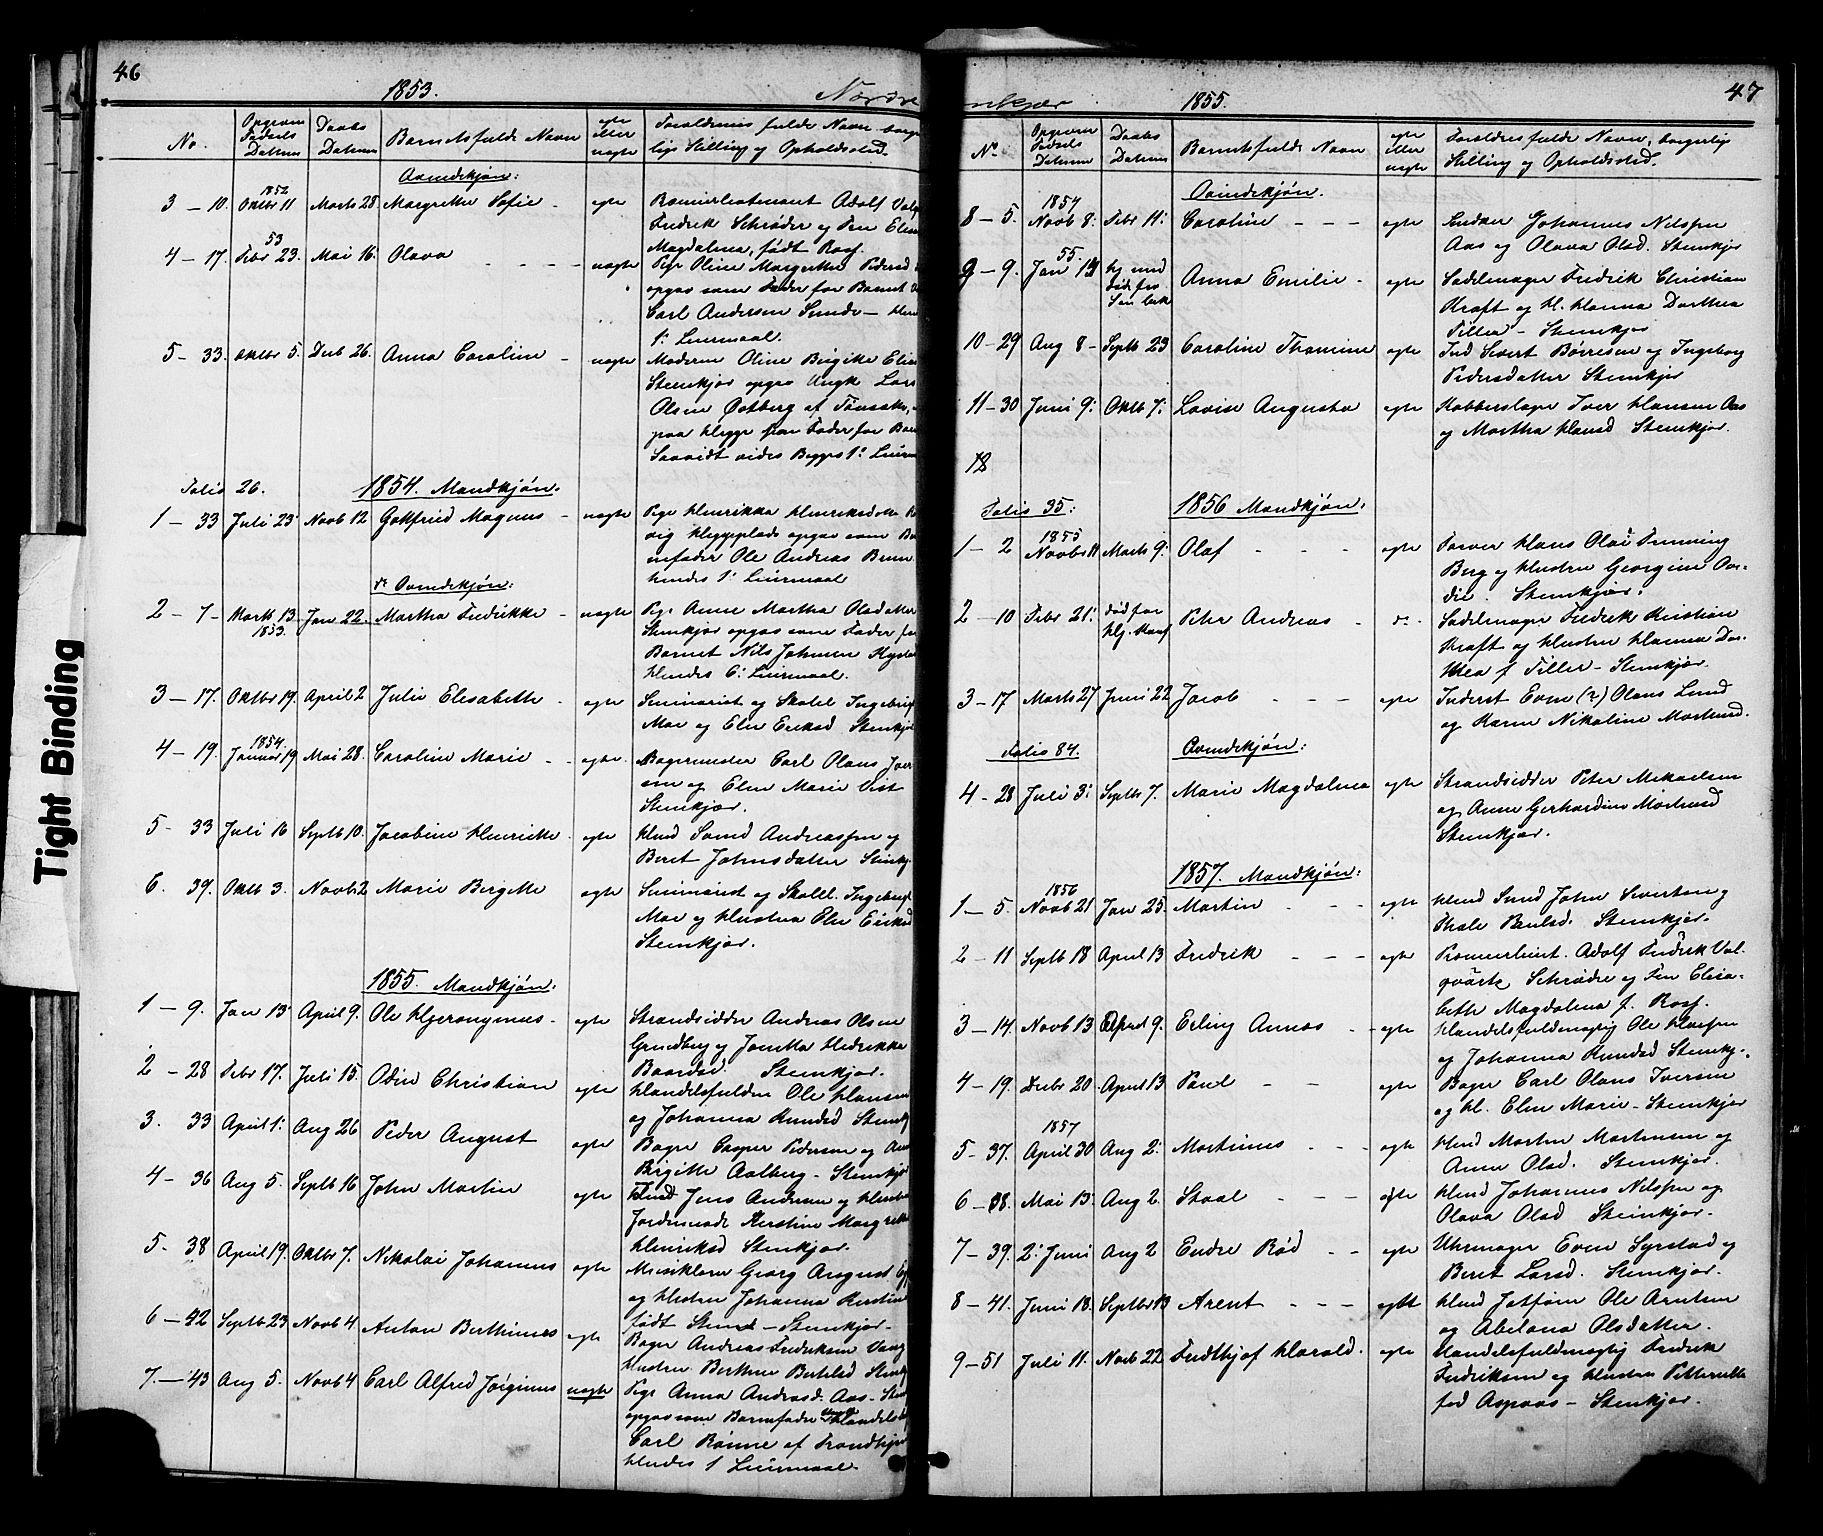 SAT, Ministerialprotokoller, klokkerbøker og fødselsregistre - Nord-Trøndelag, 739/L0367: Ministerialbok nr. 739A01 /2, 1838-1868, s. 46-47